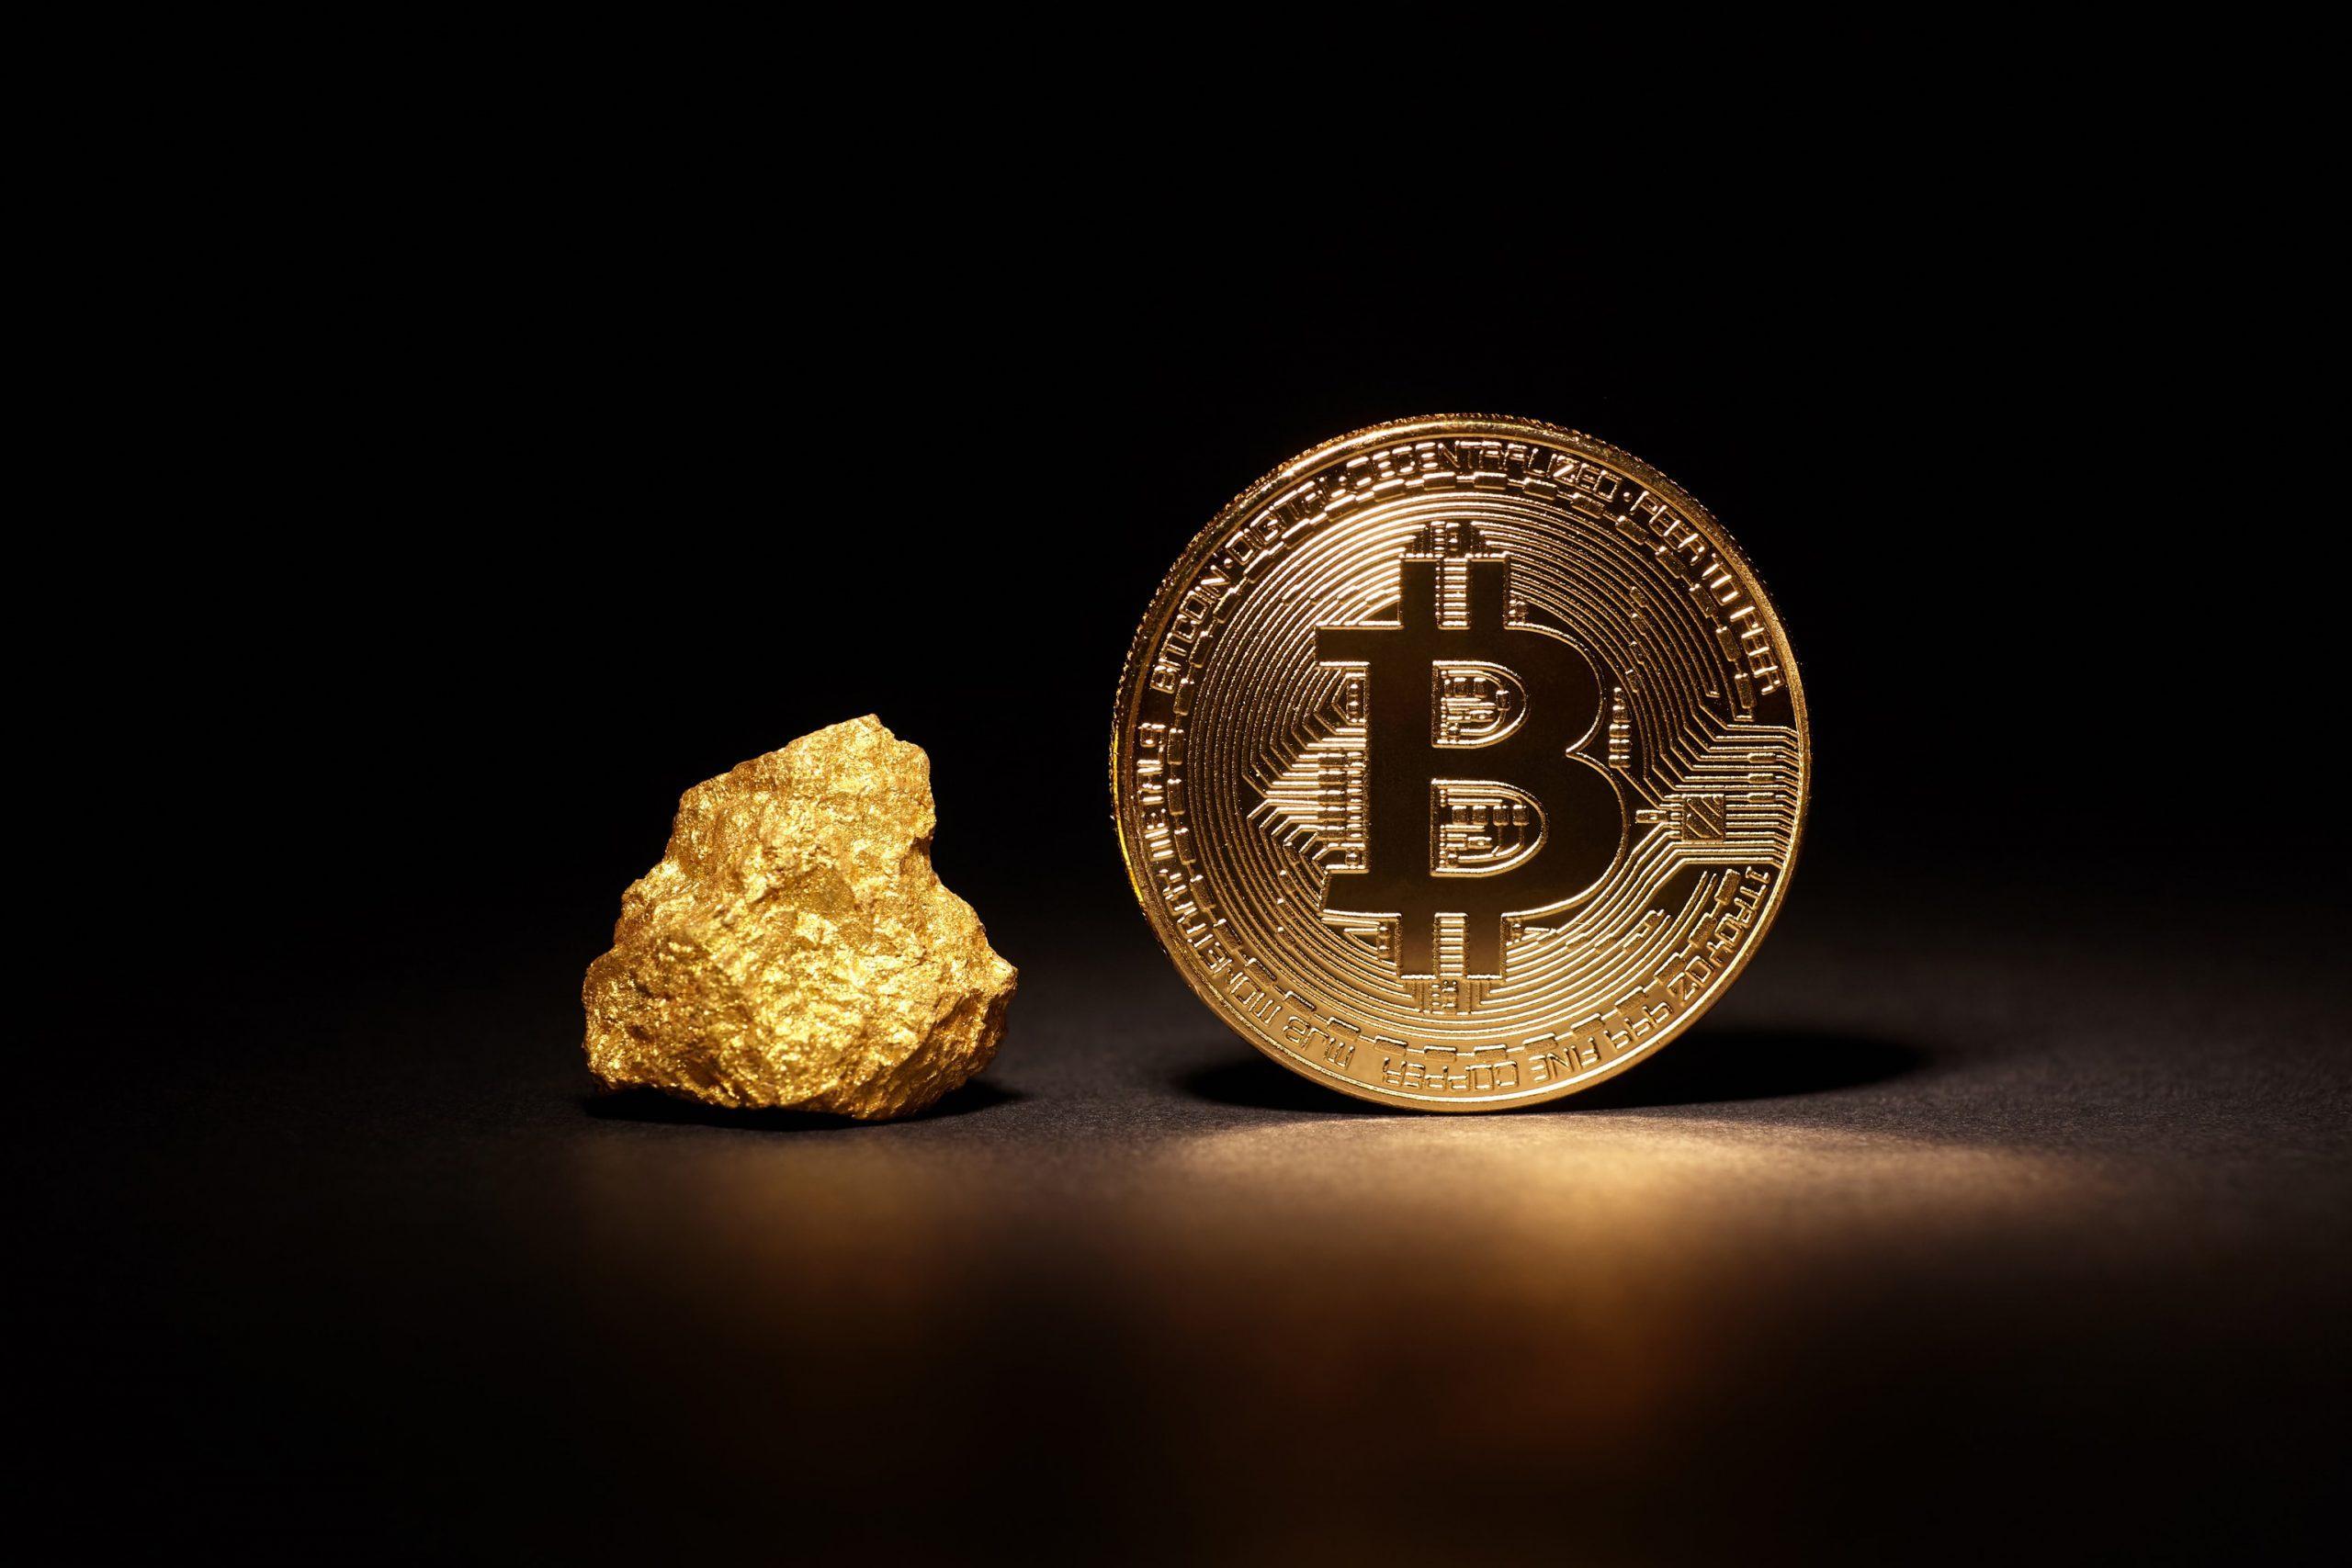 Bitcoin Münze und Goldnugget stehen nebeneinander